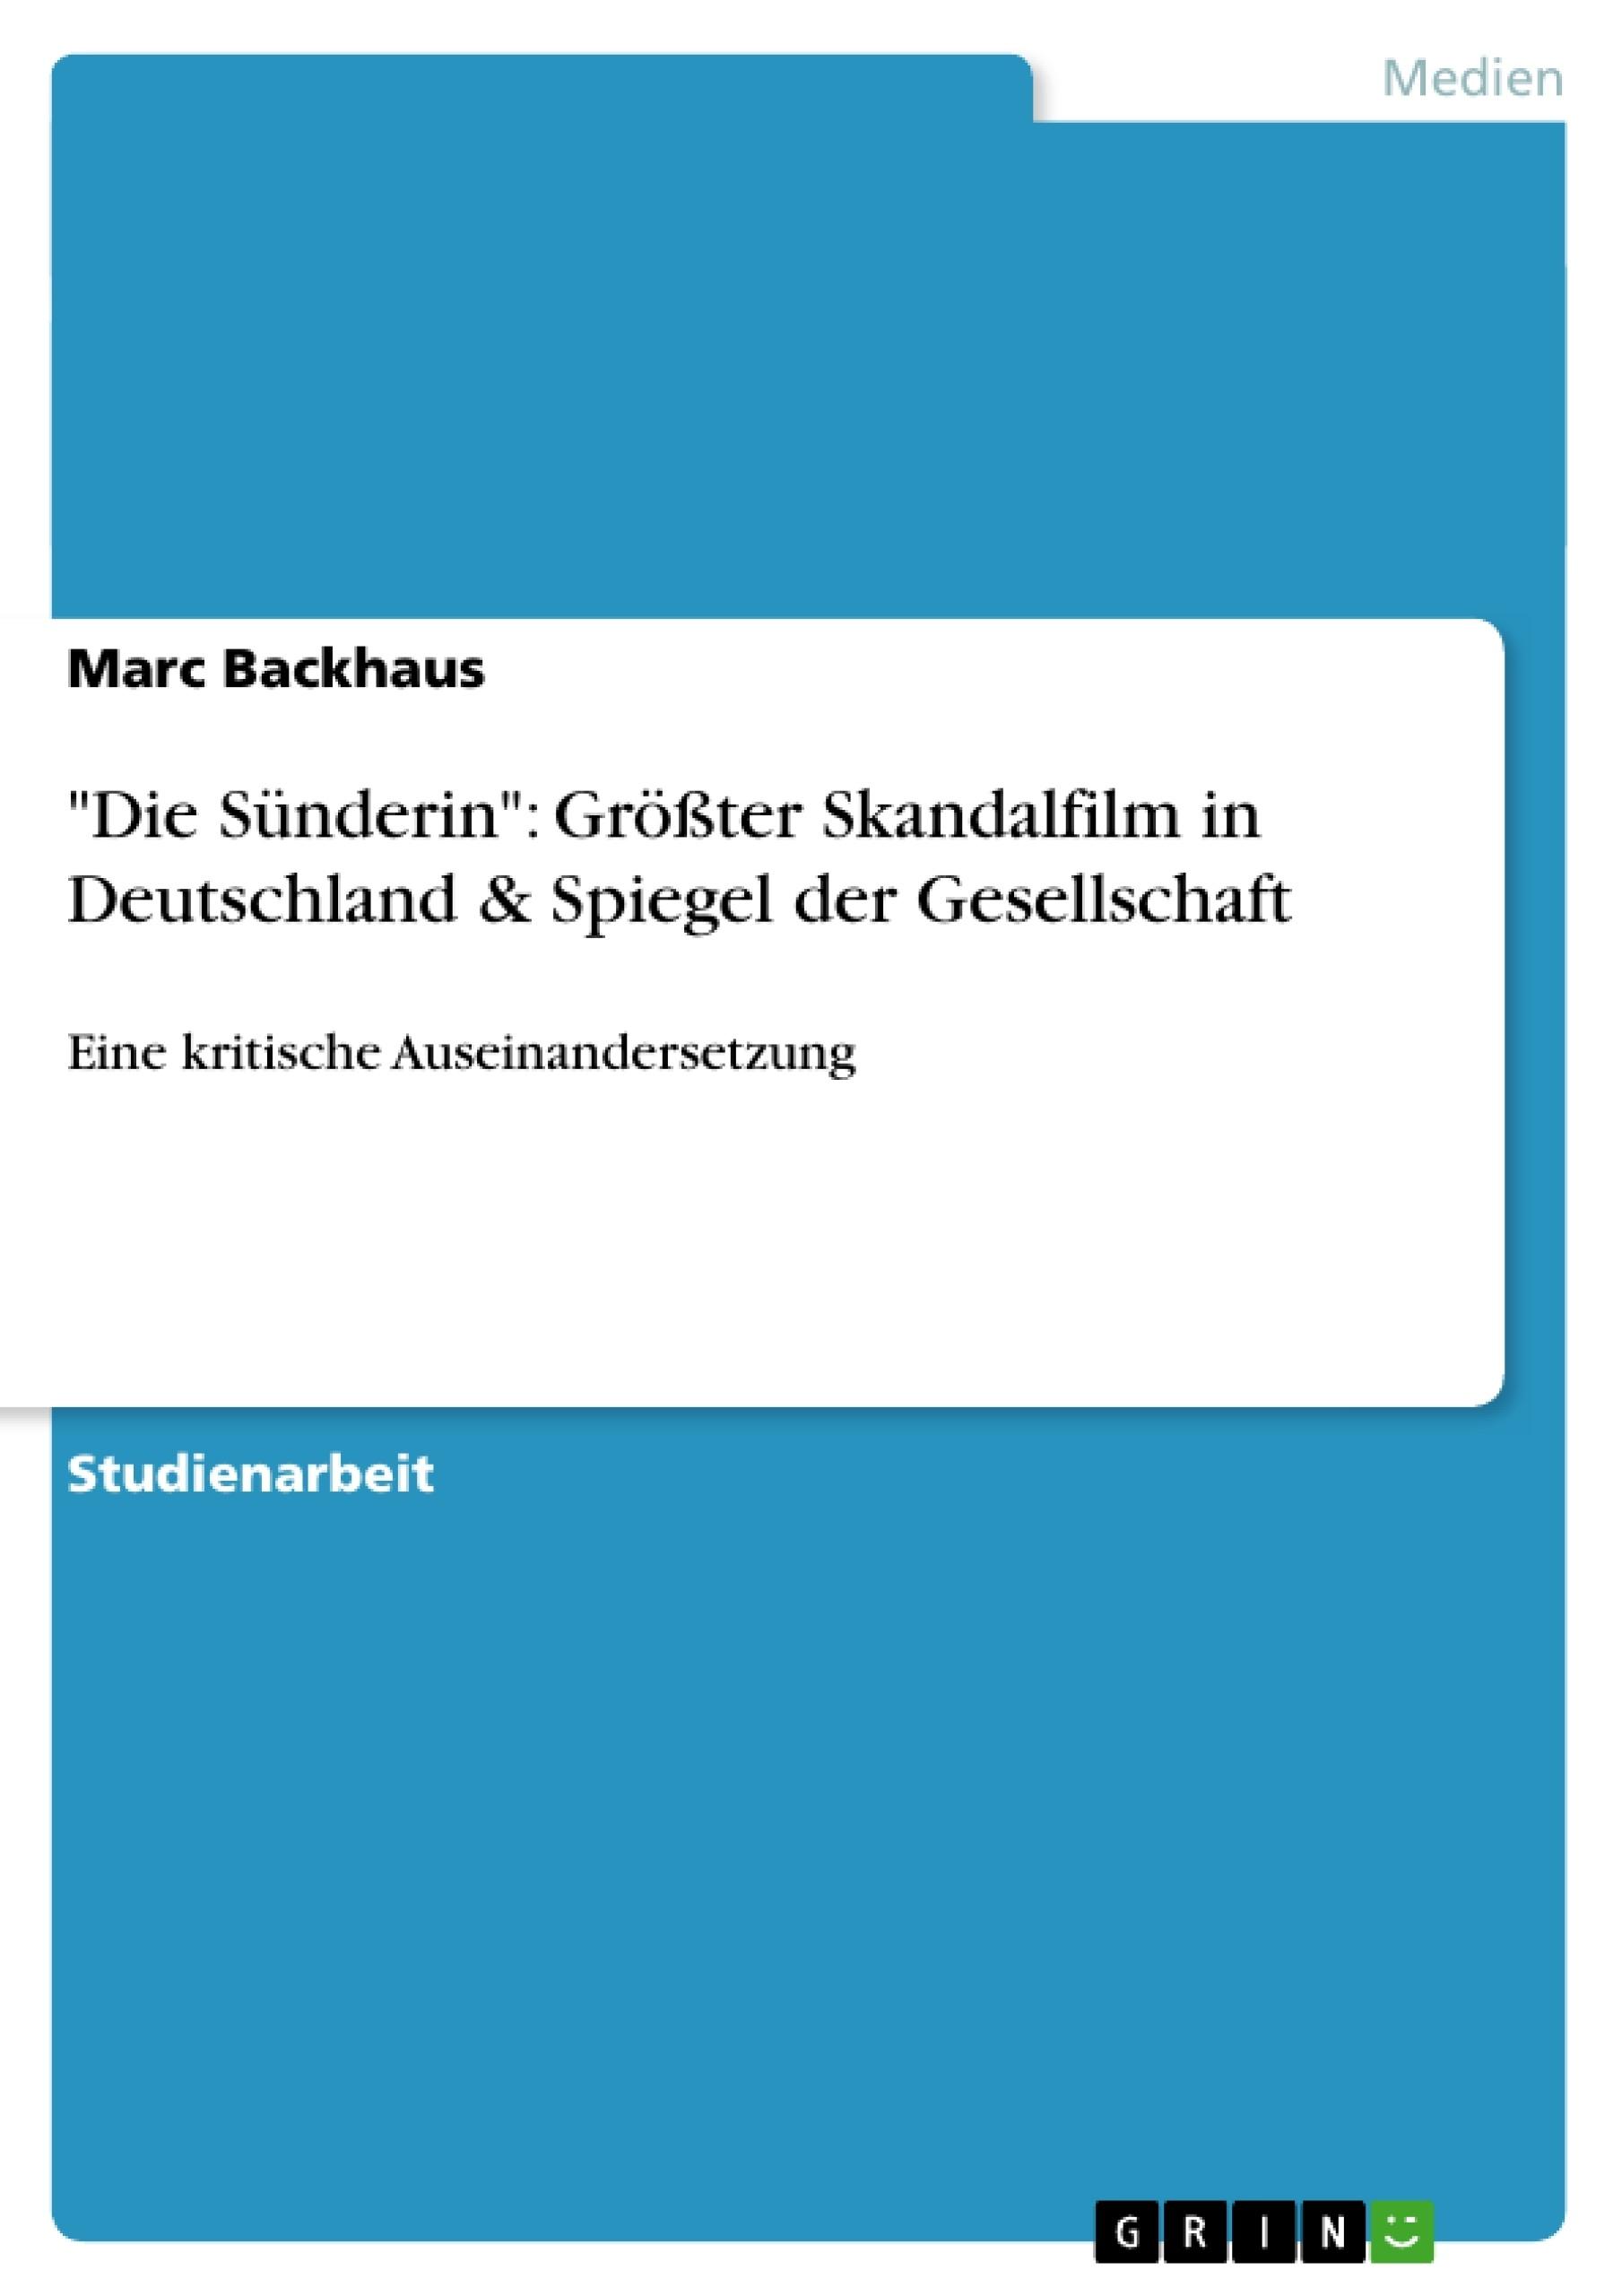 """Titel: """"Die Sünderin"""": Größter Skandalfilm in Deutschland & Spiegel der Gesellschaft"""